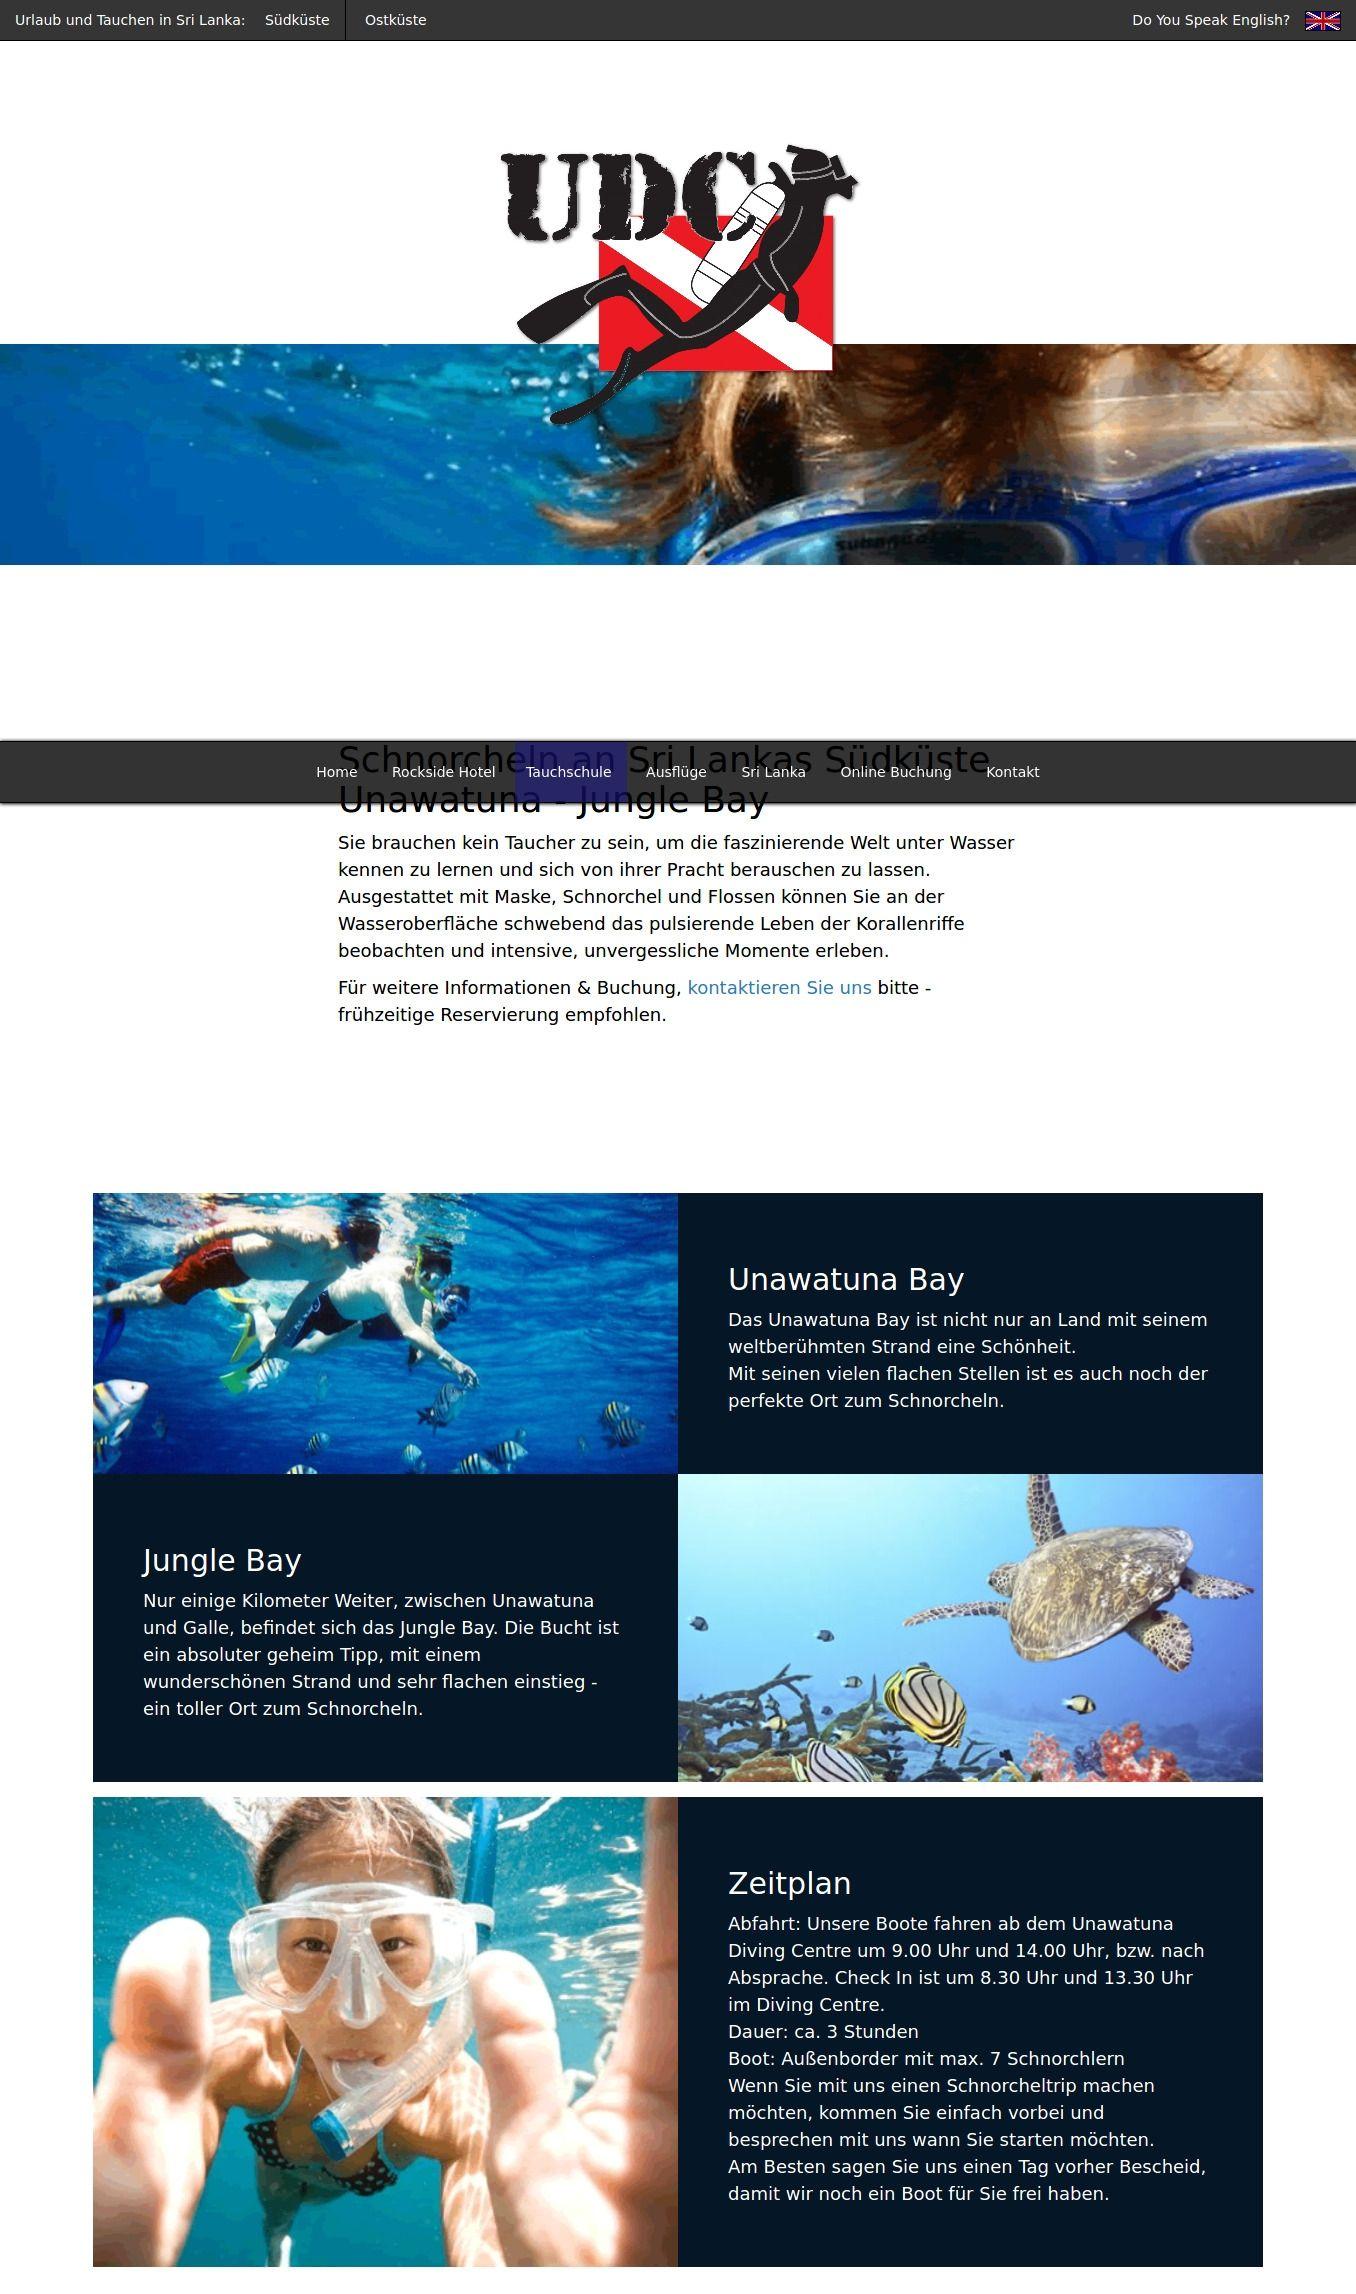 Unawatuna Schnorcheln Im Korallenriff By Unawatuna Diving Infogram